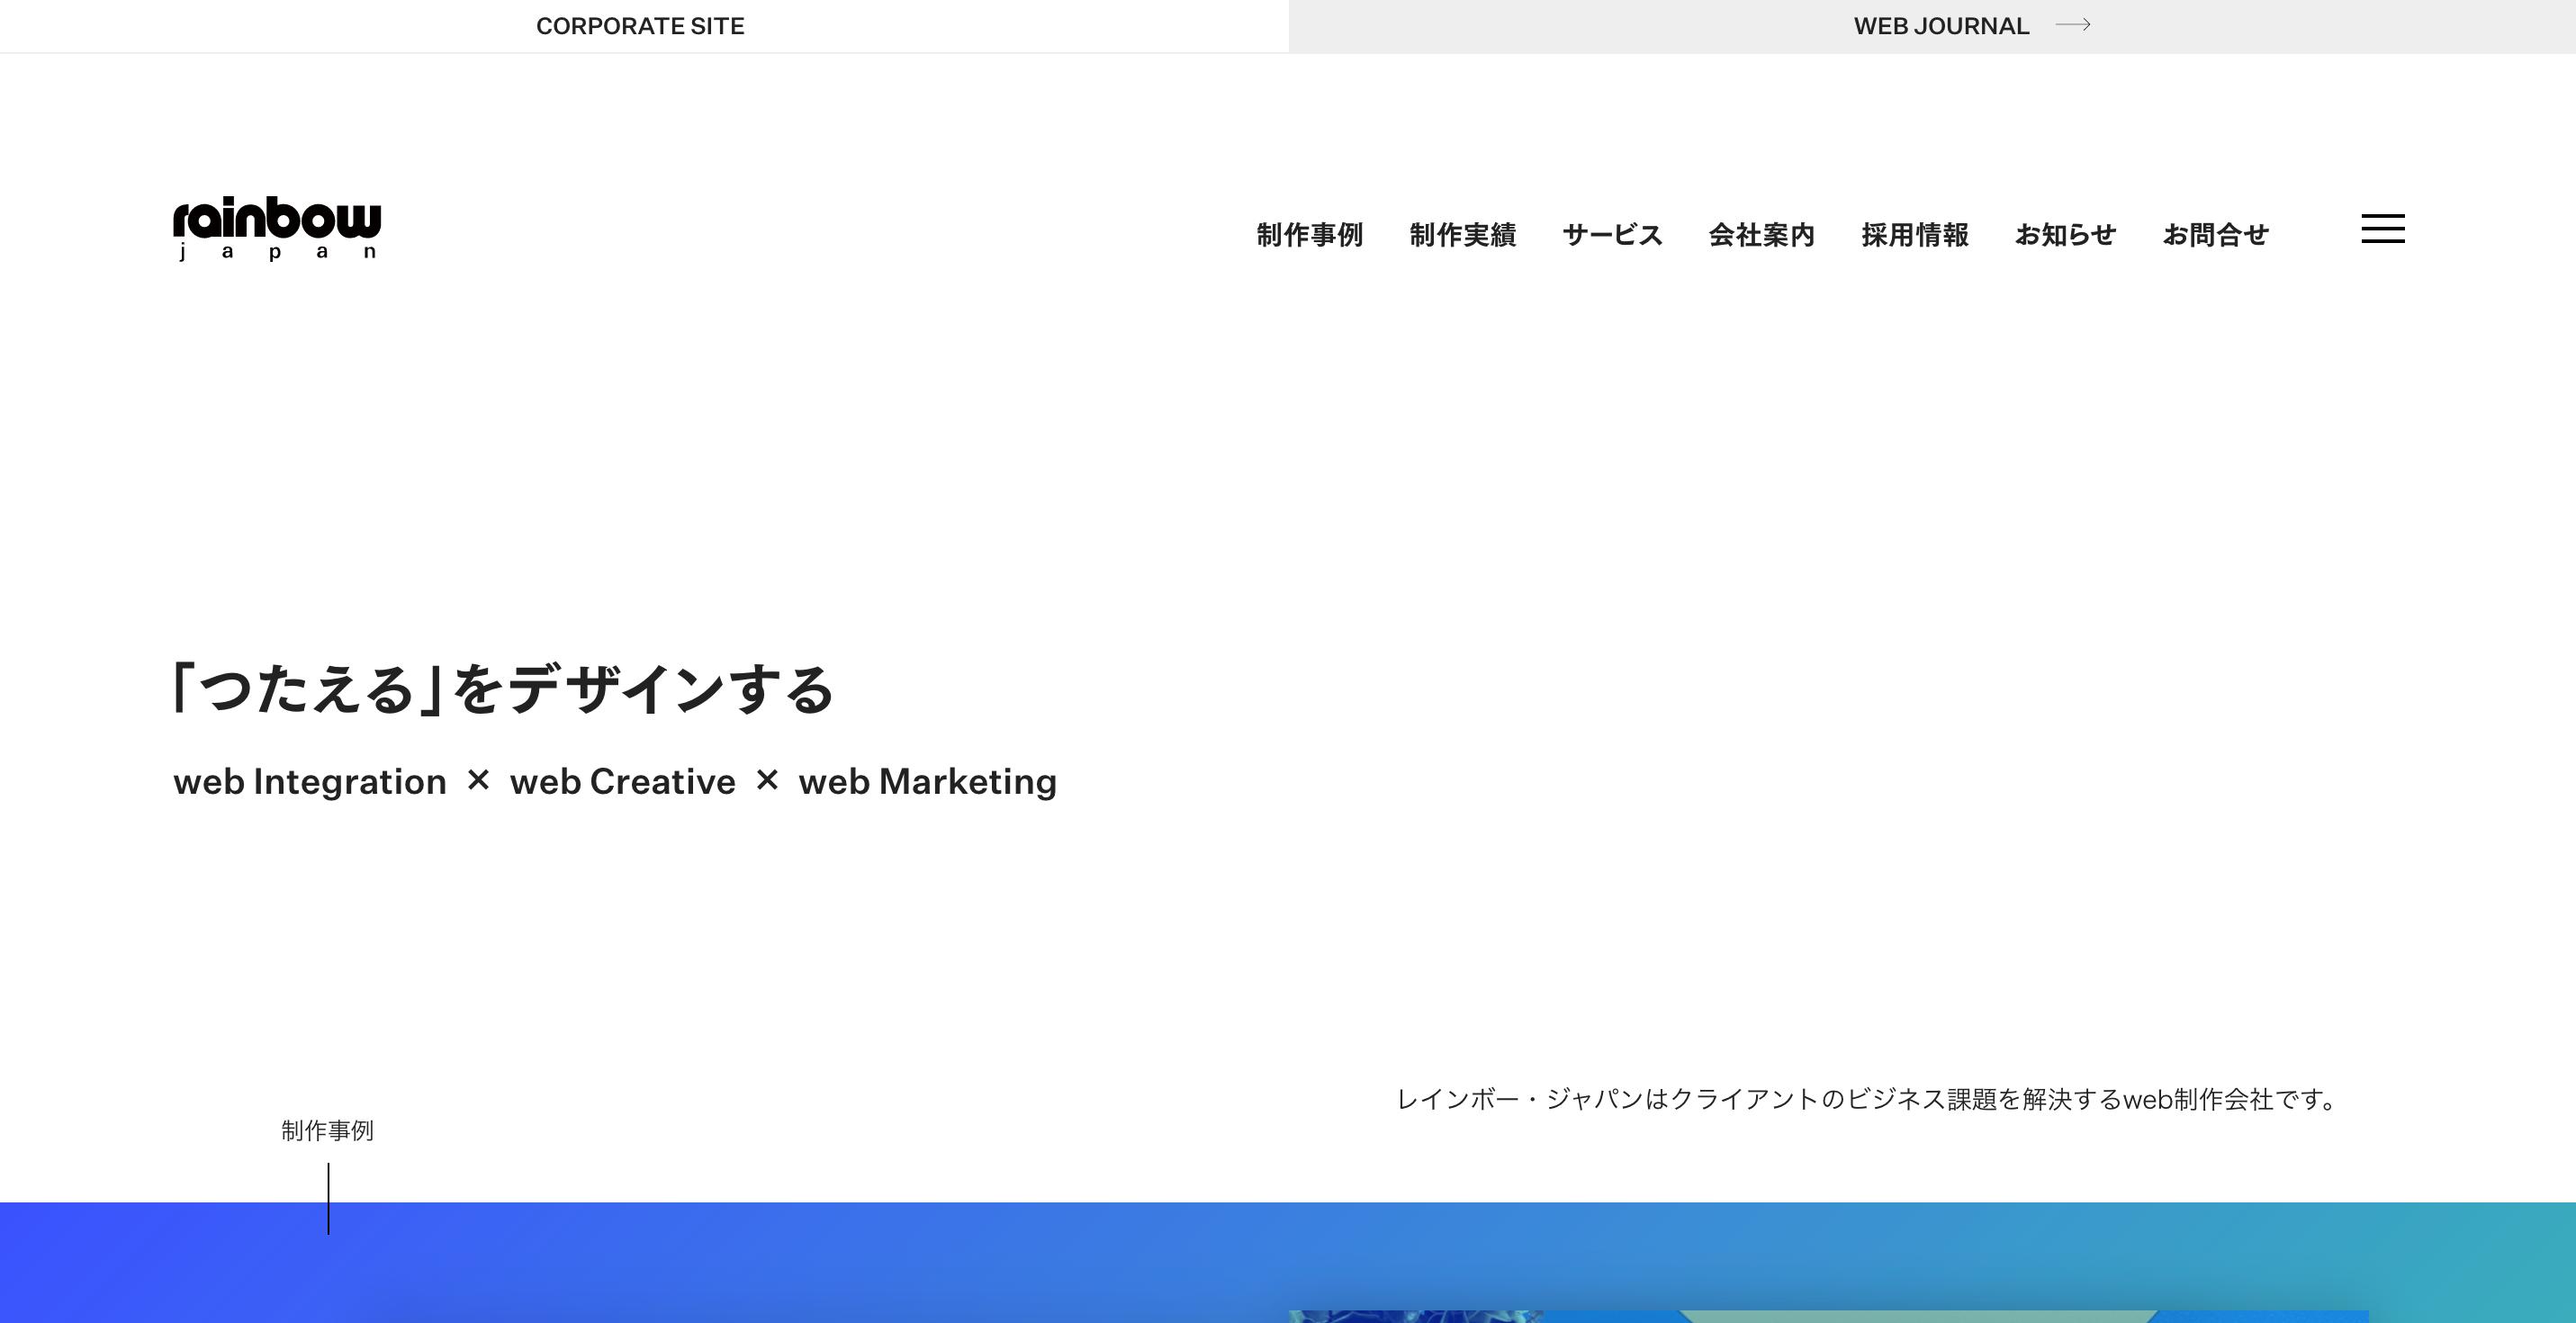 スクリーンショット 2020-01-20 6.58.33.png